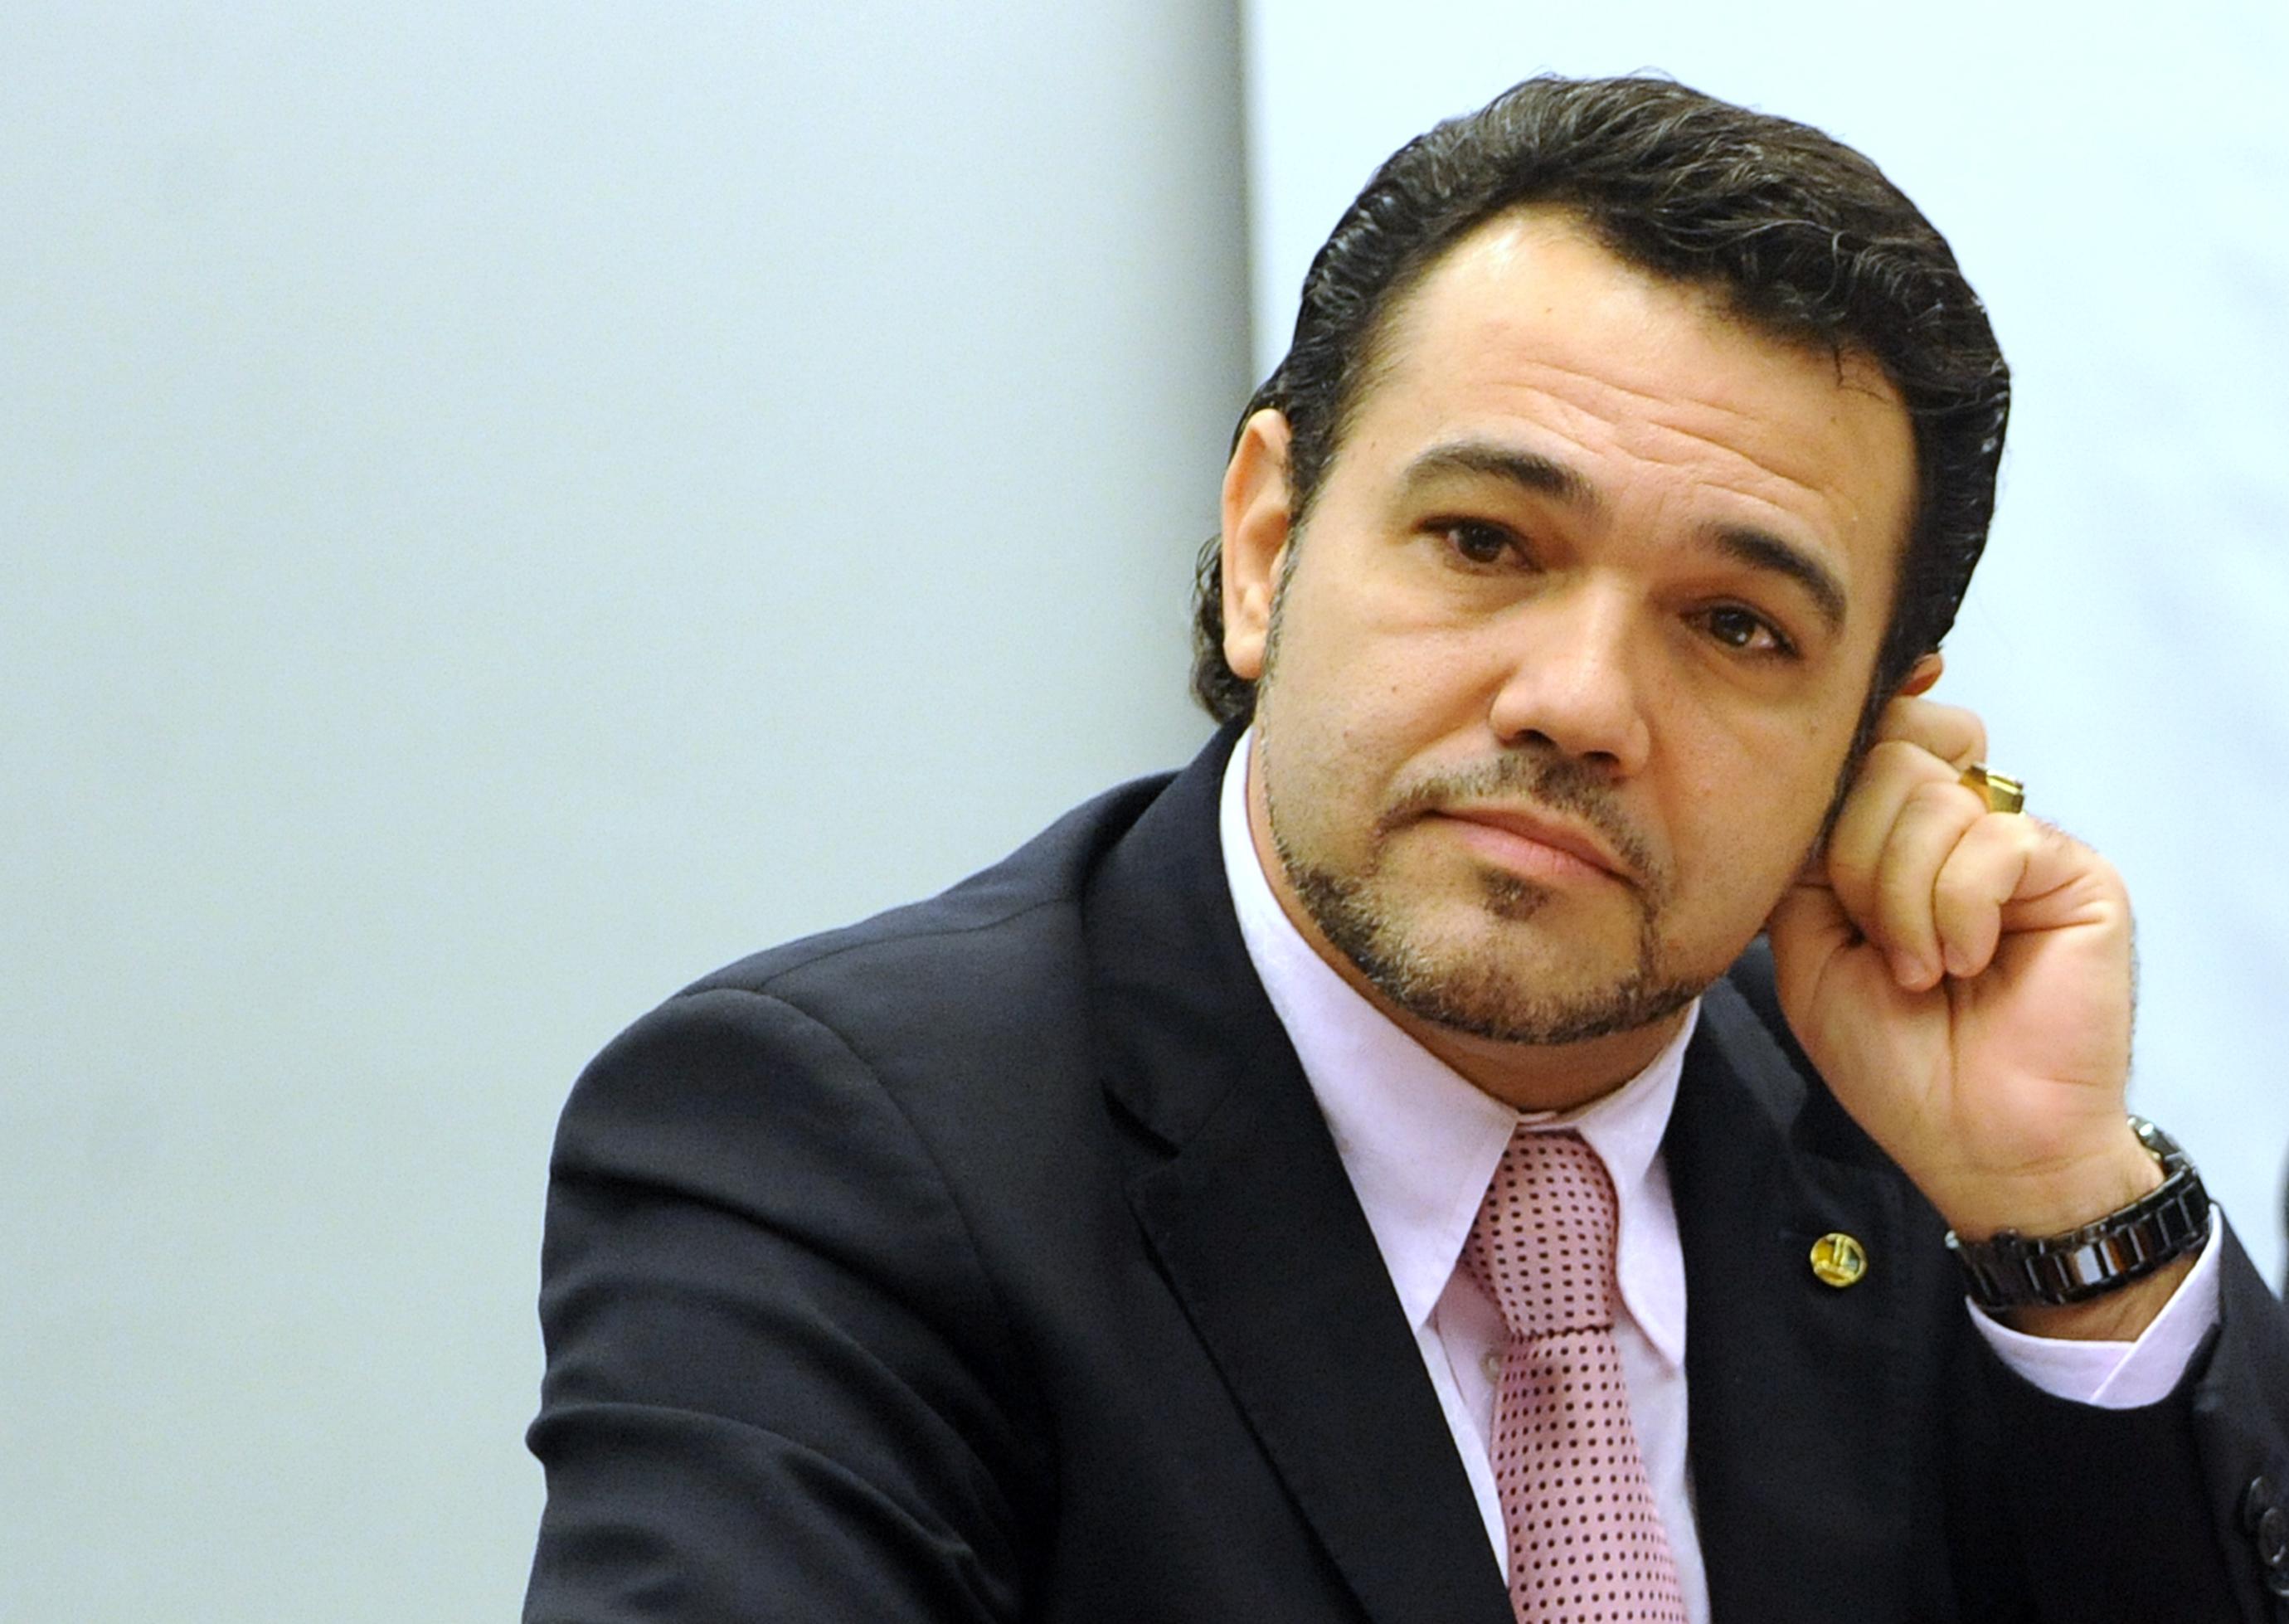 """Brasília – A Comissão de Direitos Humanos e Minorias da Câmara aprovou há pouco, por votação simbólica, o projeto de decreto legislativo que autoriza o tratamento psicológico para alterar a orientação sexual de homossexuais, chamado de """"cura gay"""". A matéria segue agora para análise da Comissão de Constituição e Justiça."""